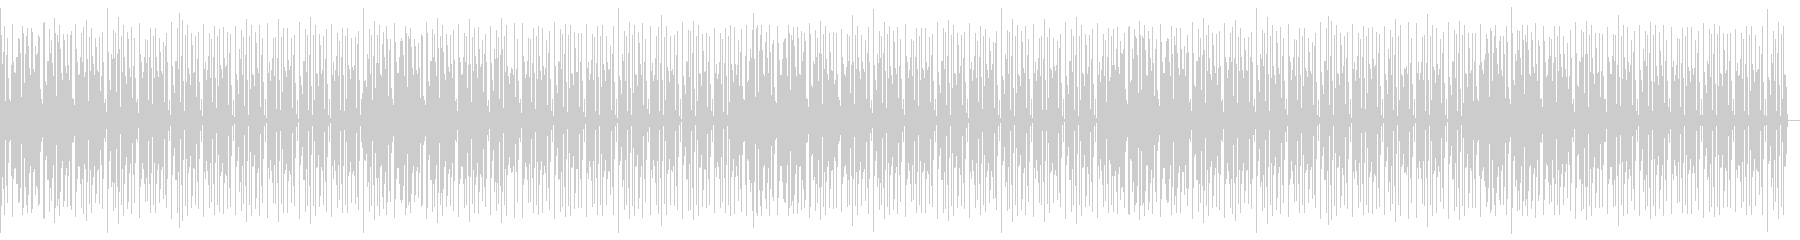 ヒップホップ・R&Bおしゃれエンディングの未再生の波形